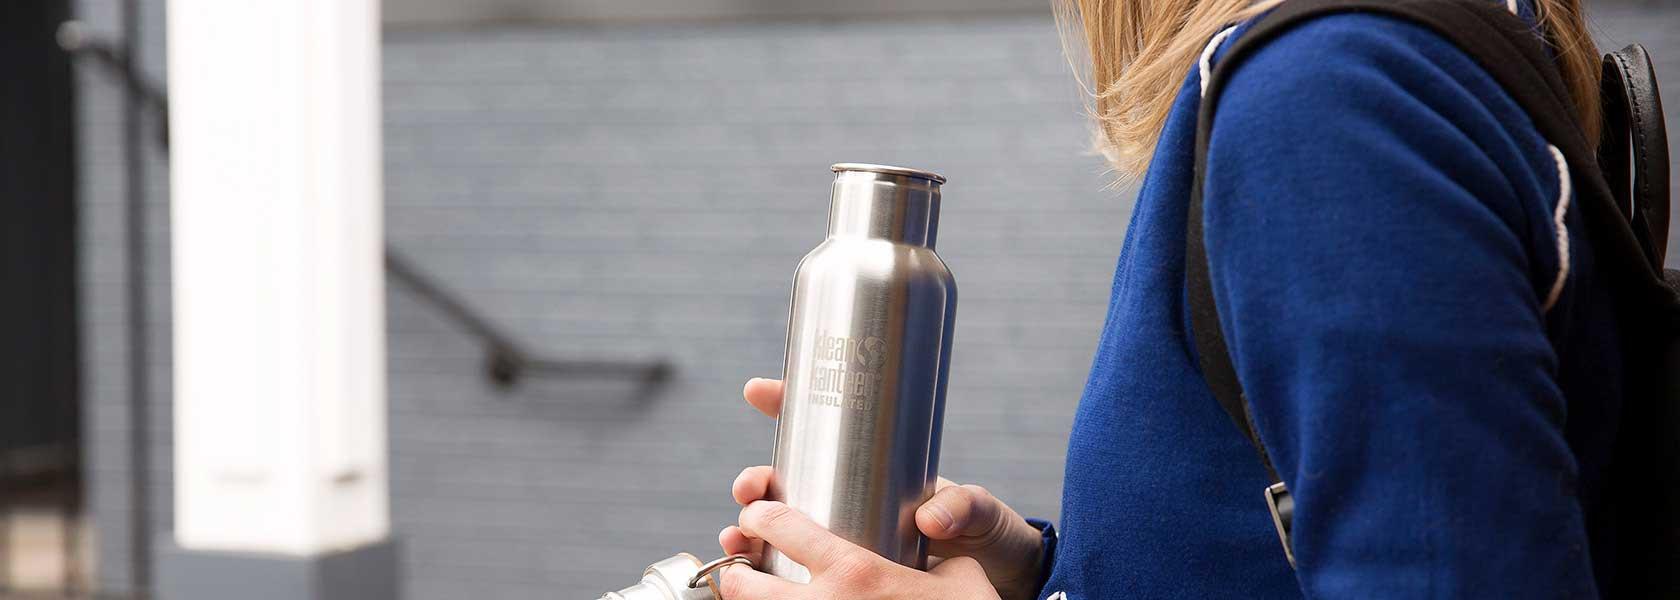 Frau hält eine nachhaltig produzierte Trinkflasche aus Kleankanteen